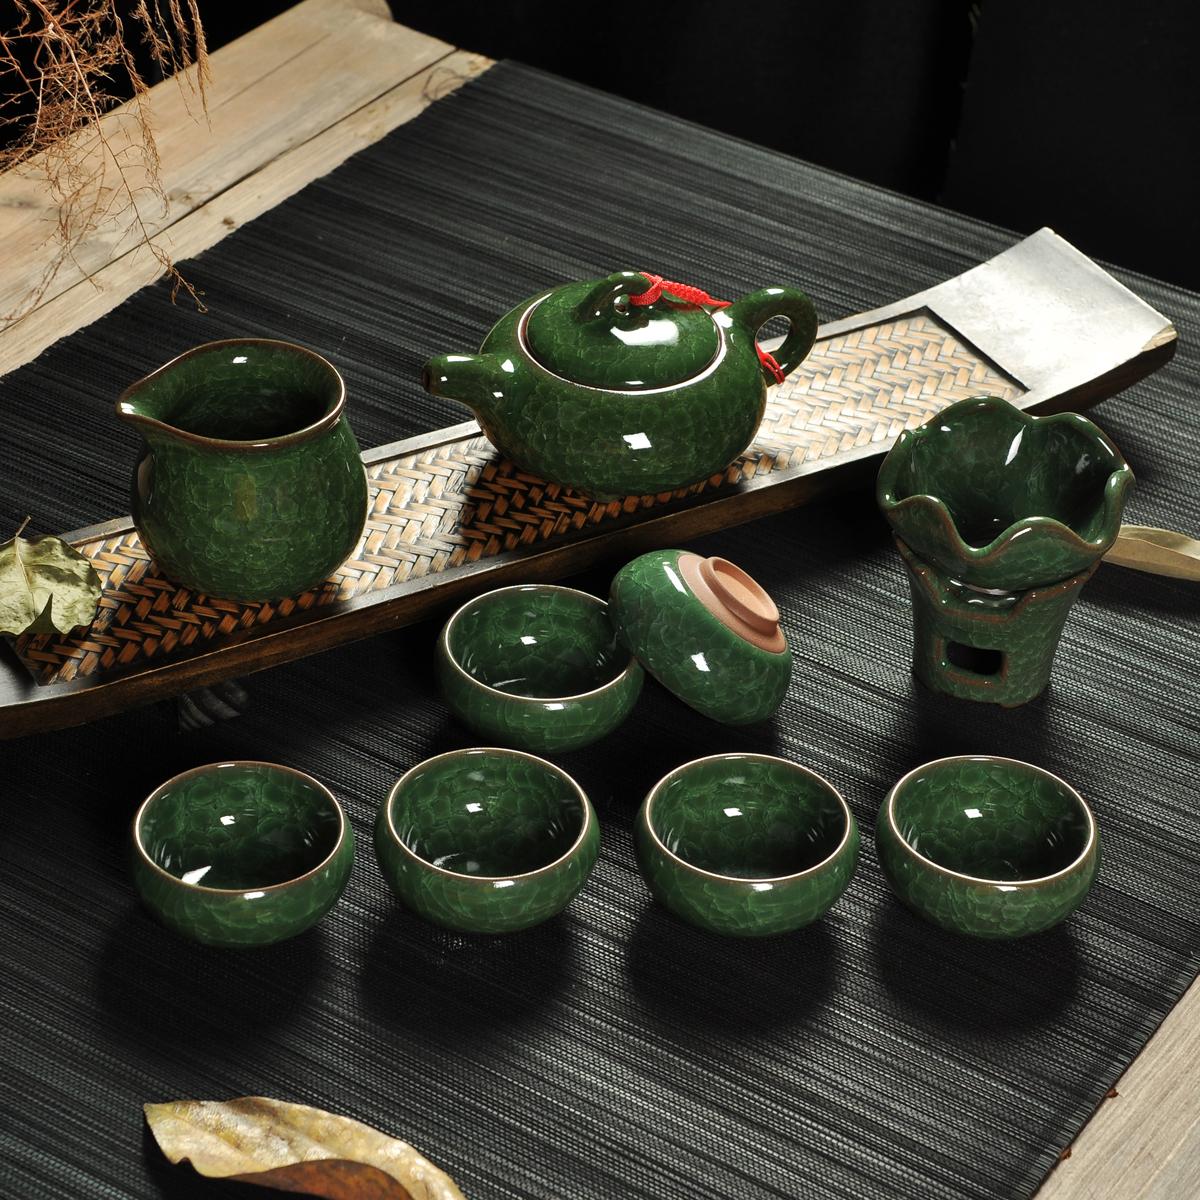 台湾冰裂釉茶具套装整套陶瓷紫砂功夫茶具茶壶茶杯正品特价包邮